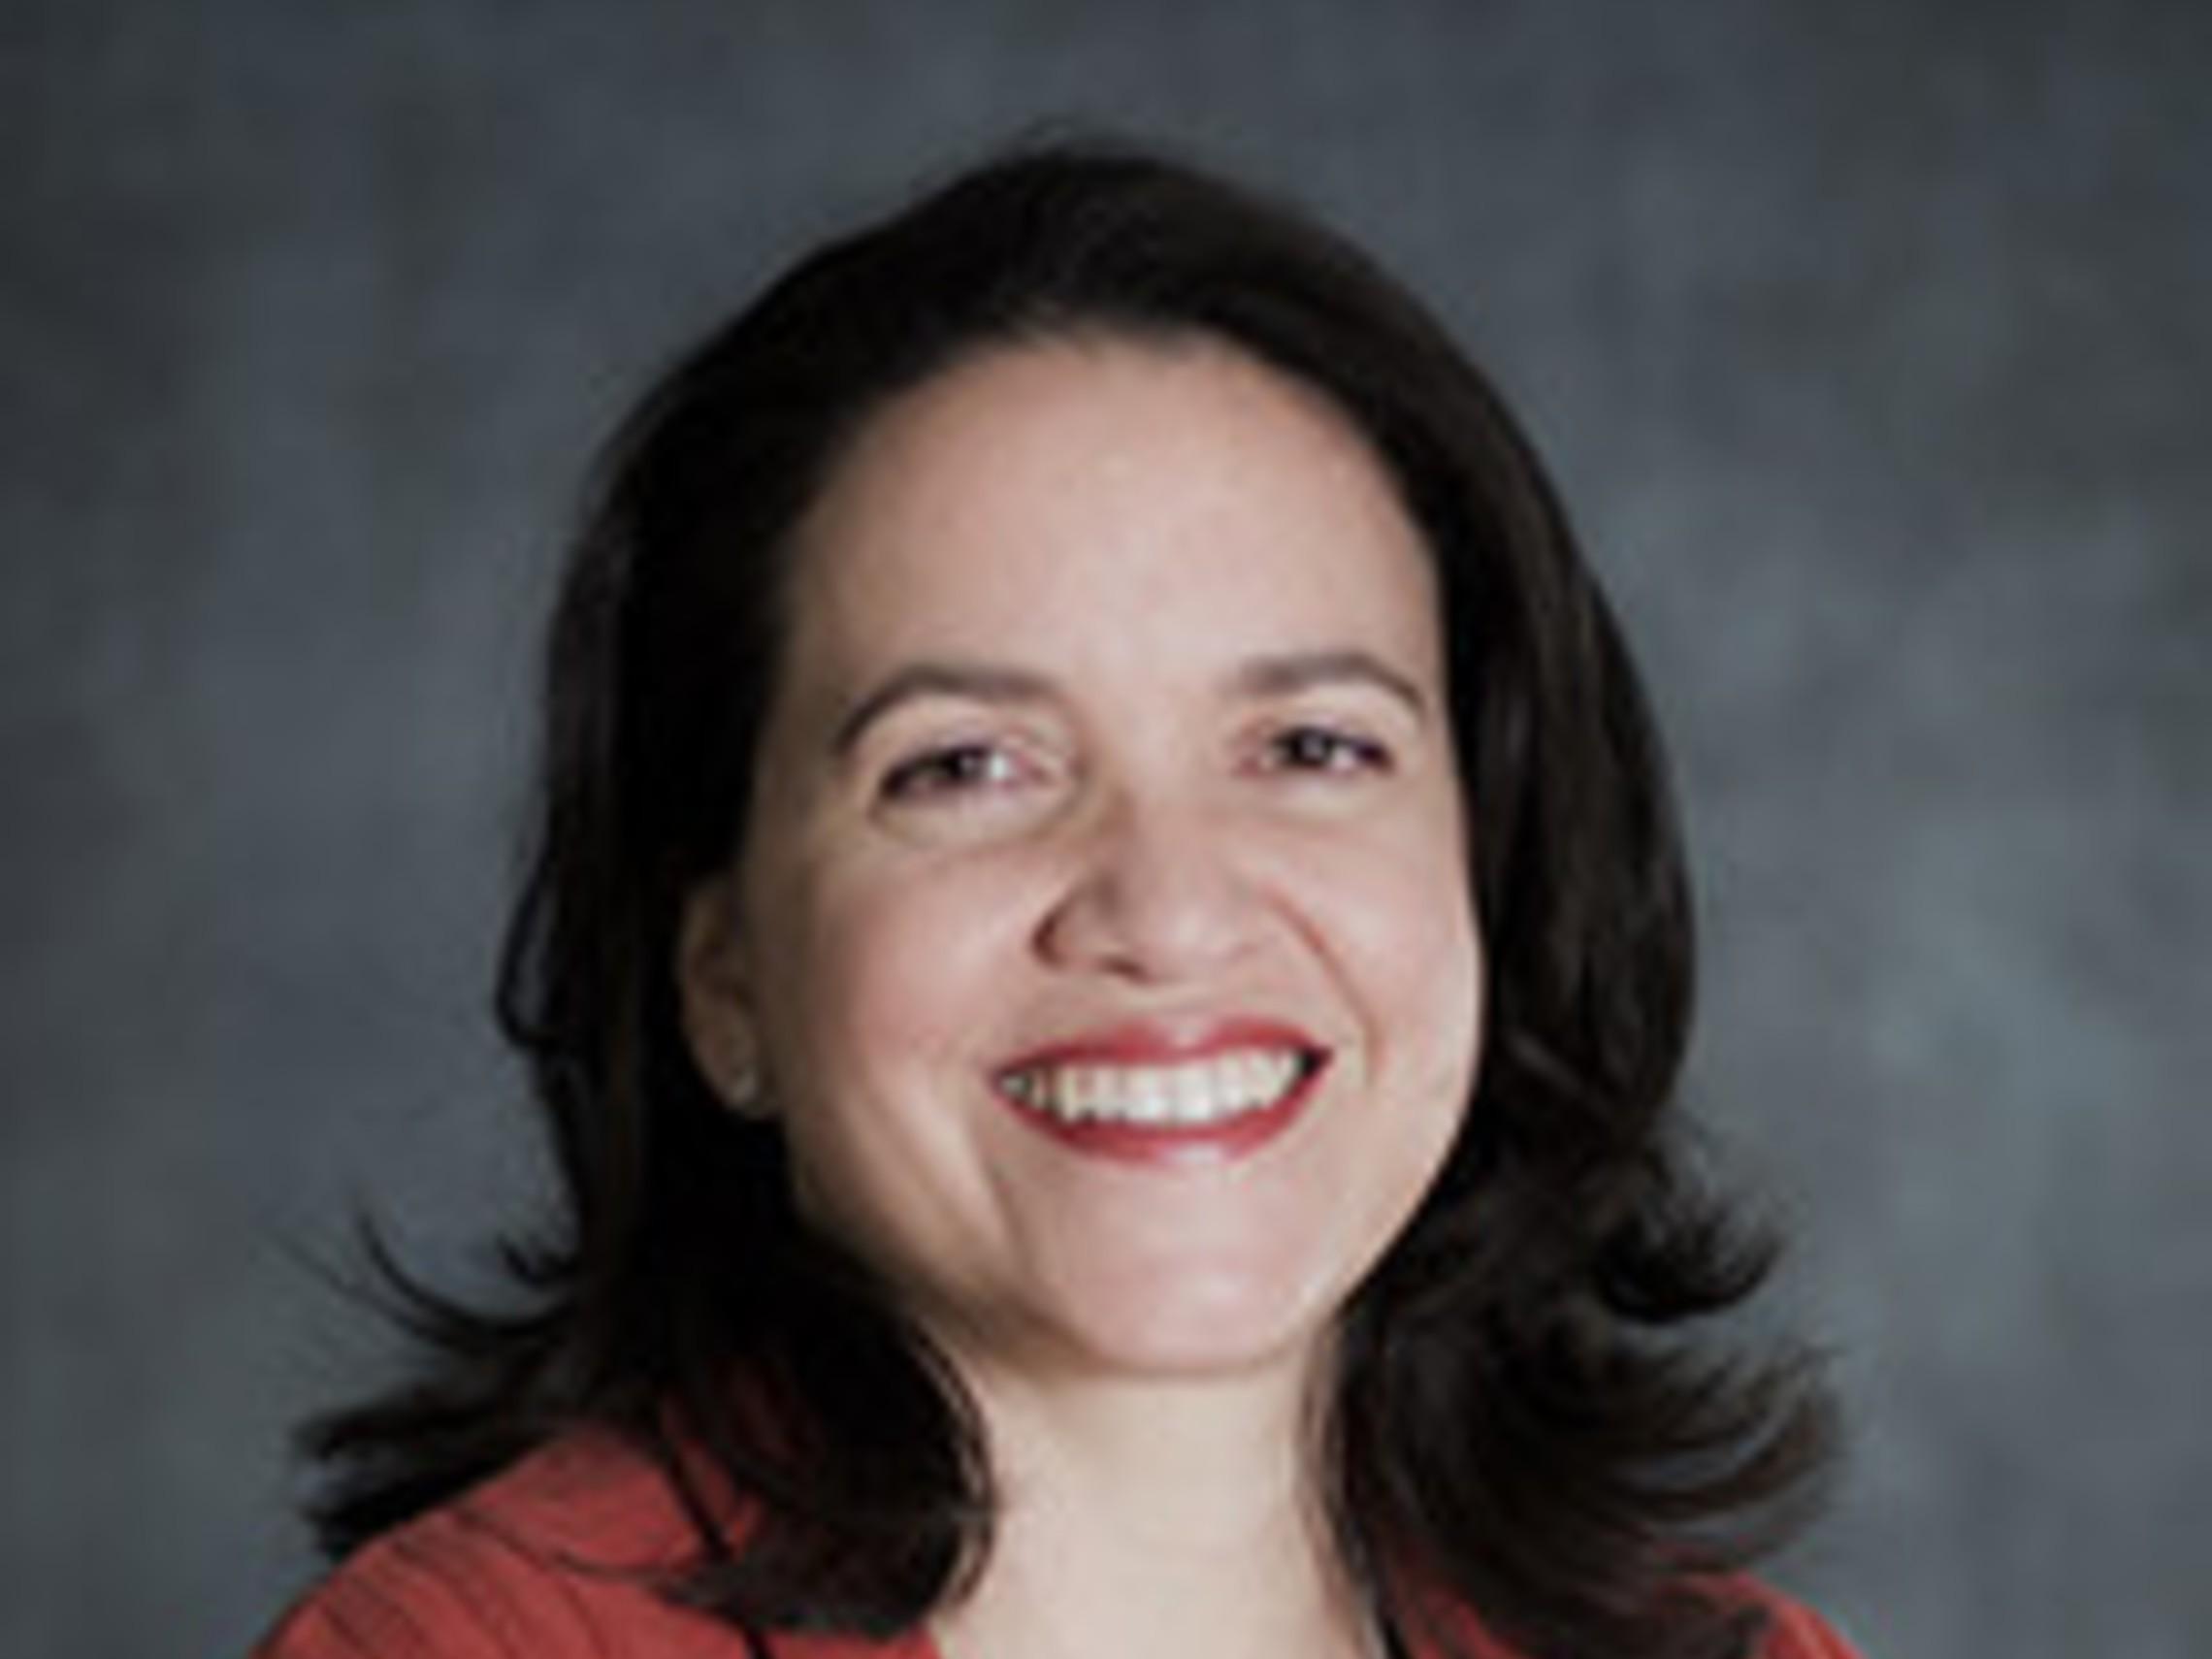 Ursula Jimenez